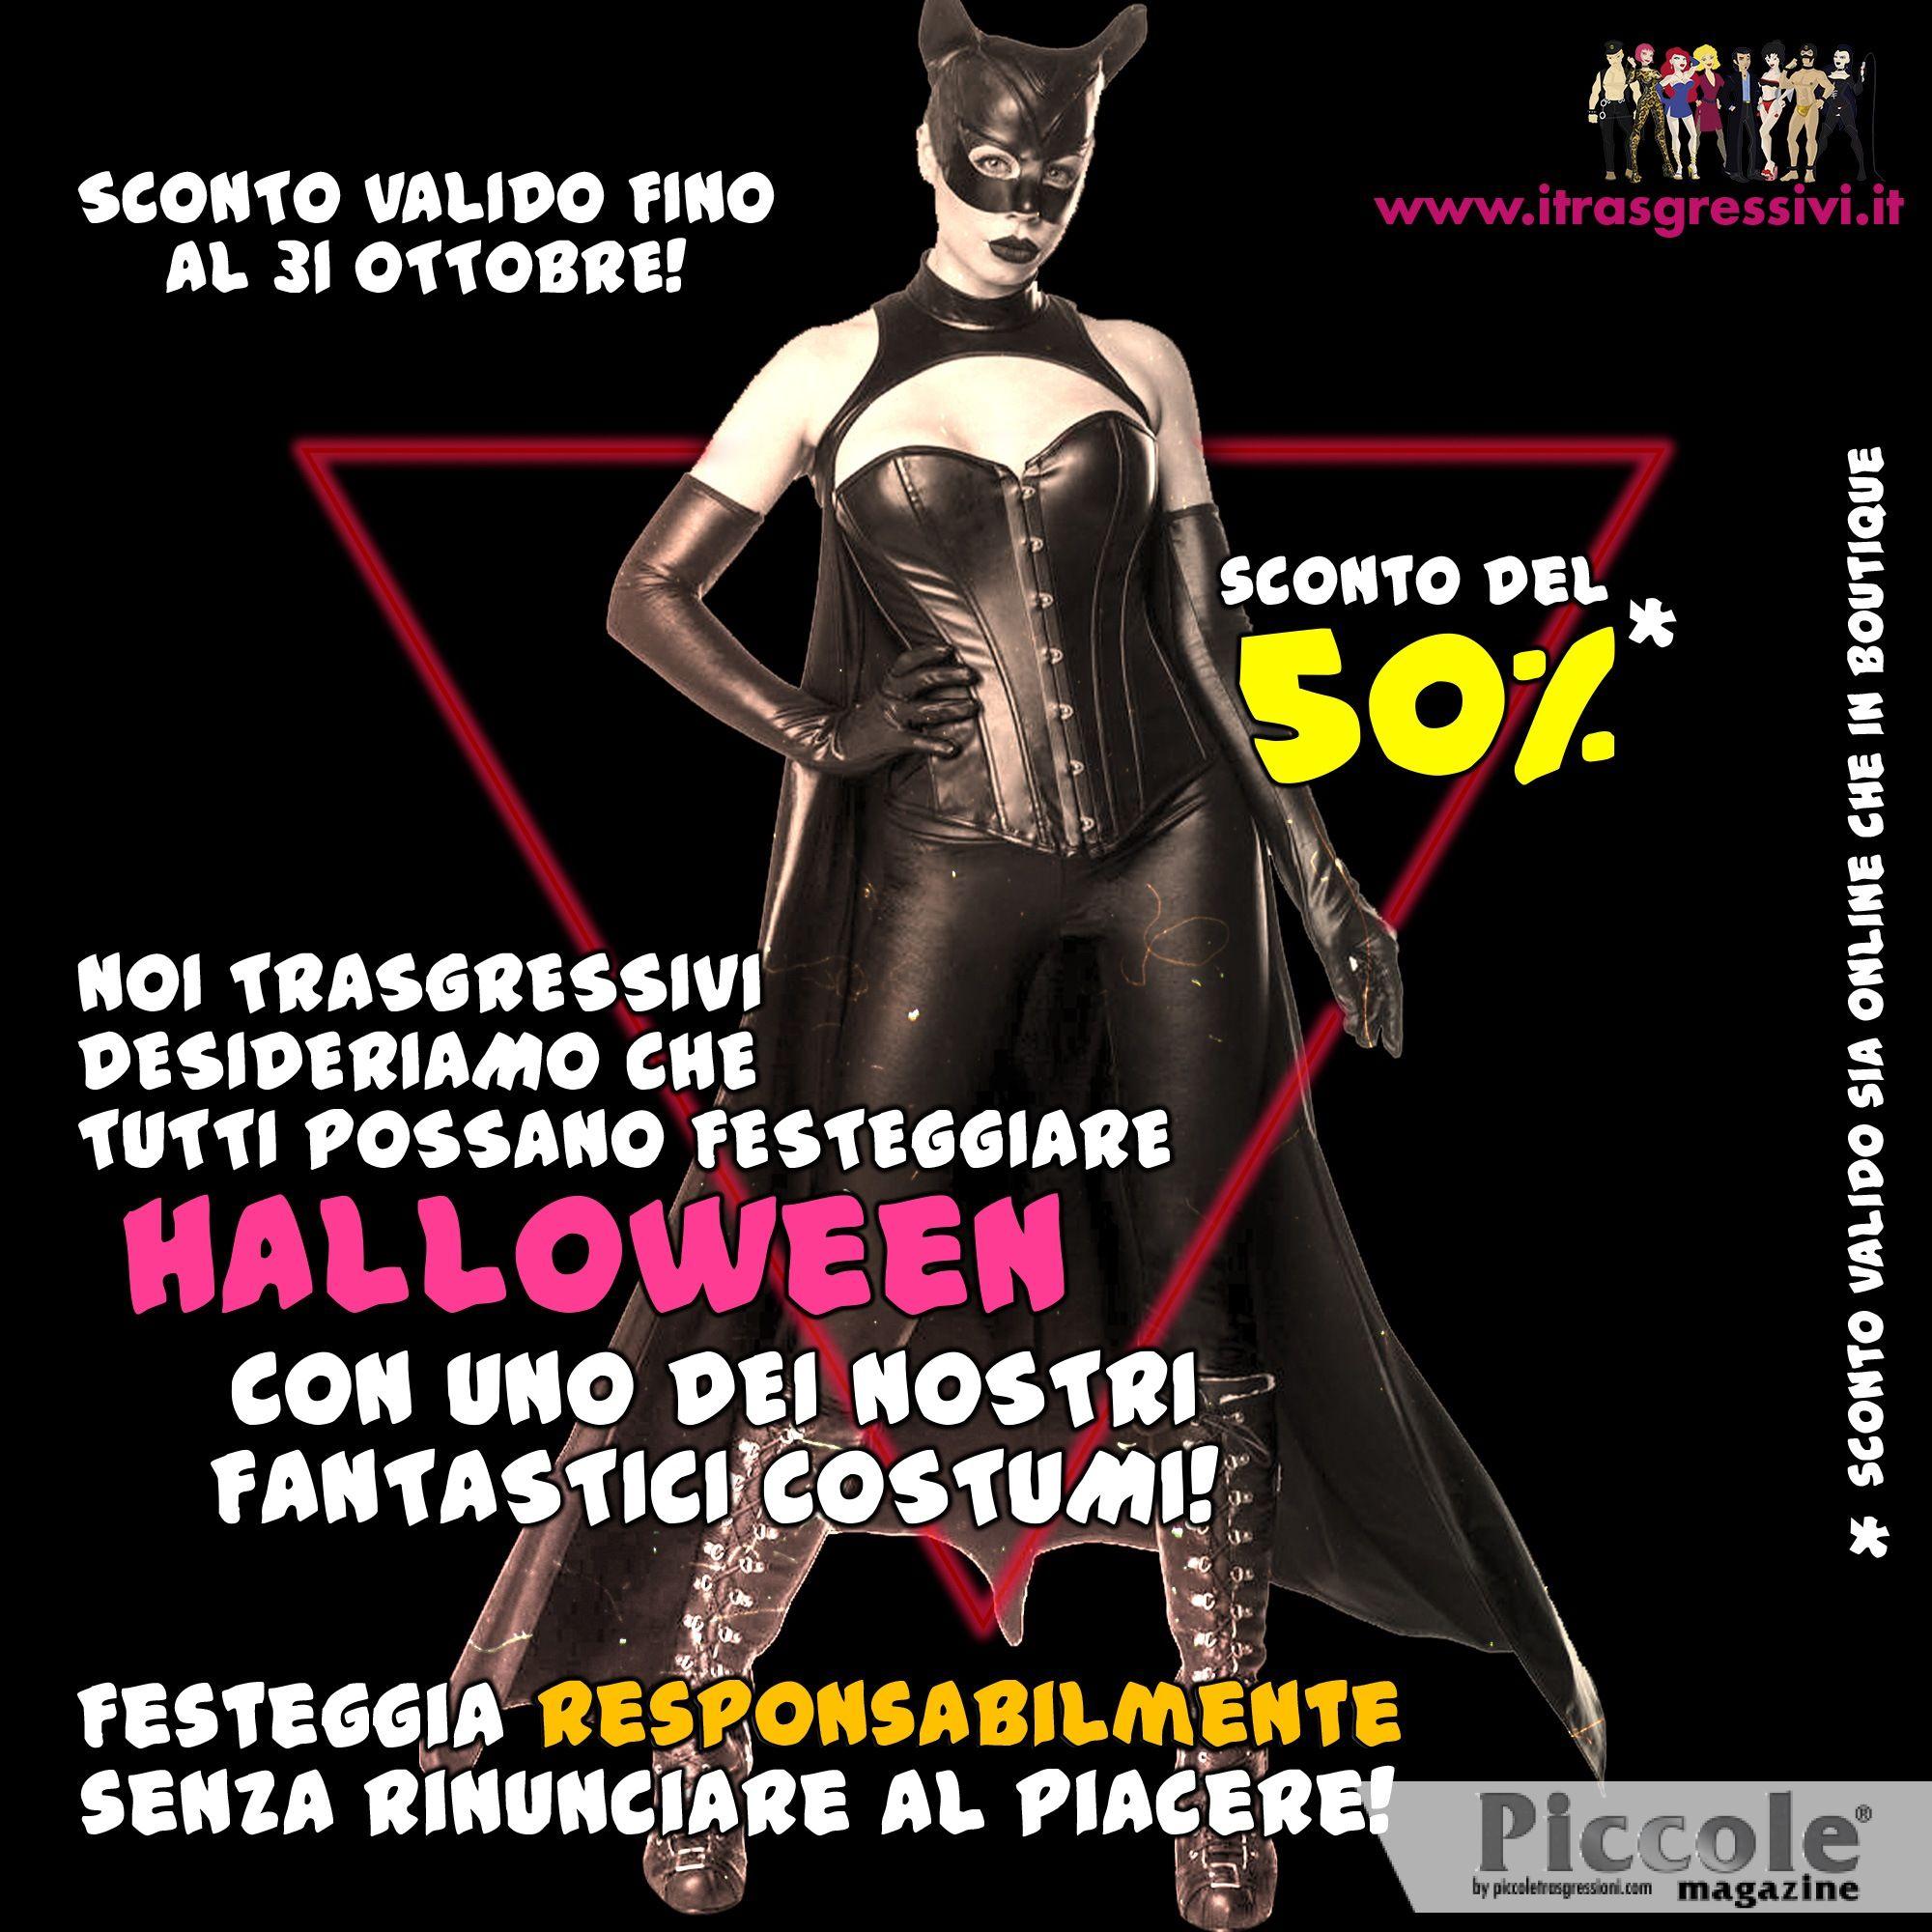 Halloween: festeggia responsabilmente senza rinunciare al piacere!